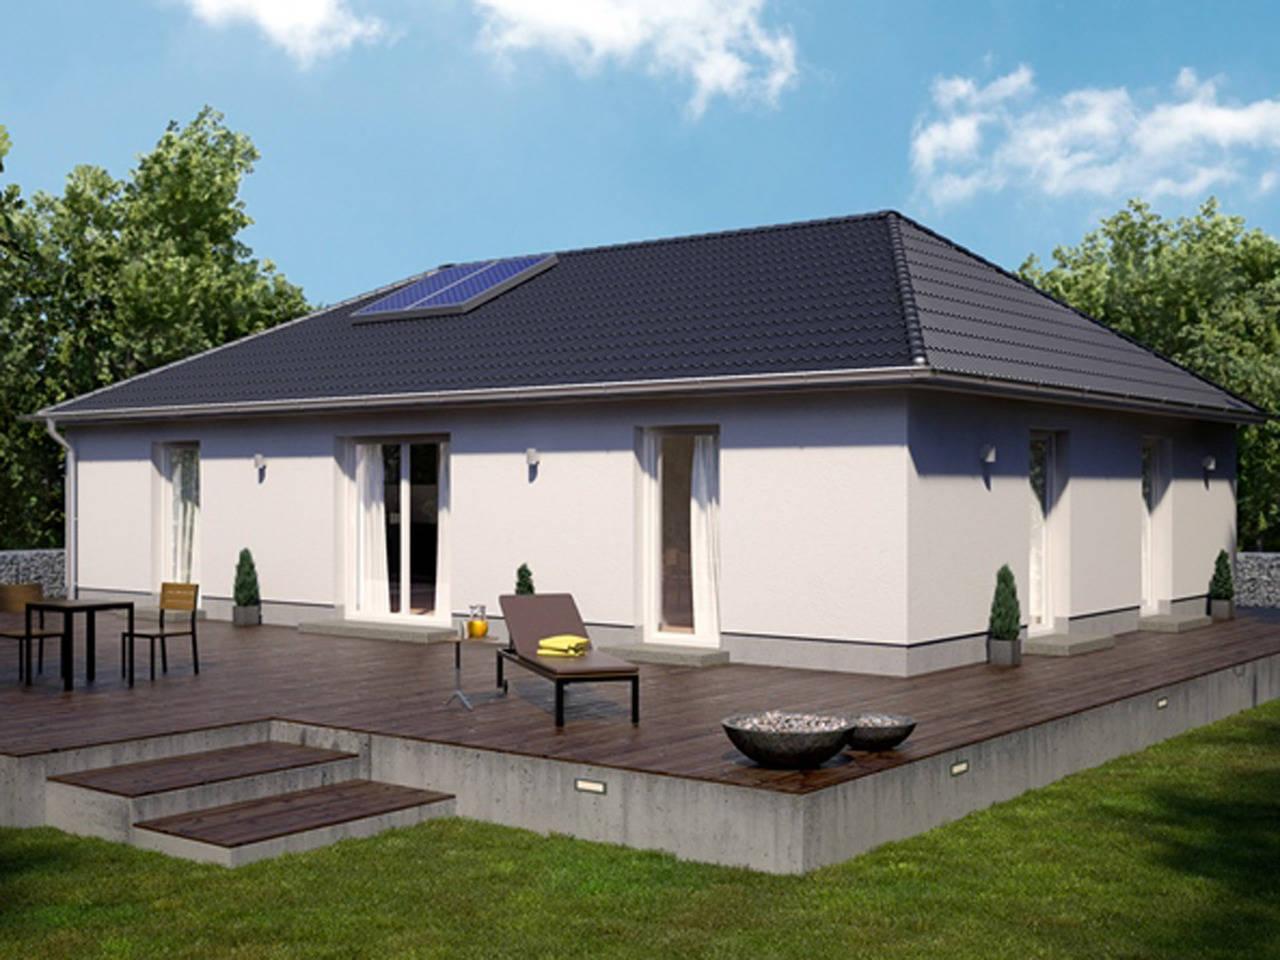 Bungalow Ideal 1000.2 von Deutsche Bauwelten